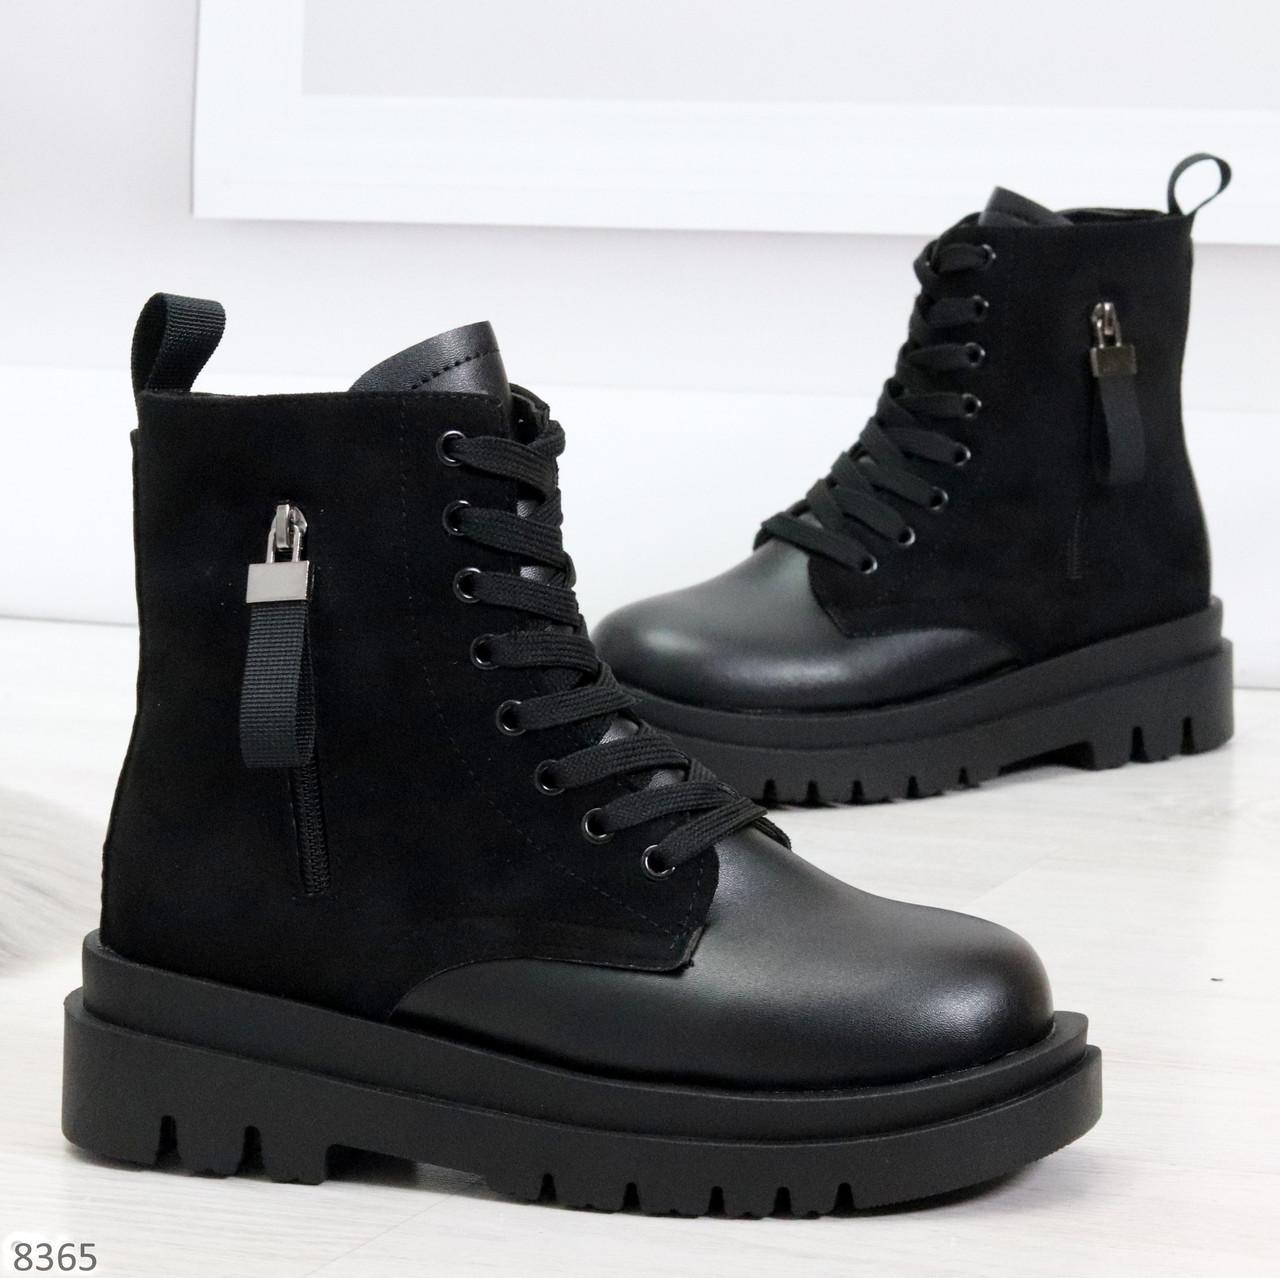 Стильные удобные демисезонные черные женские ботинки на каждый день